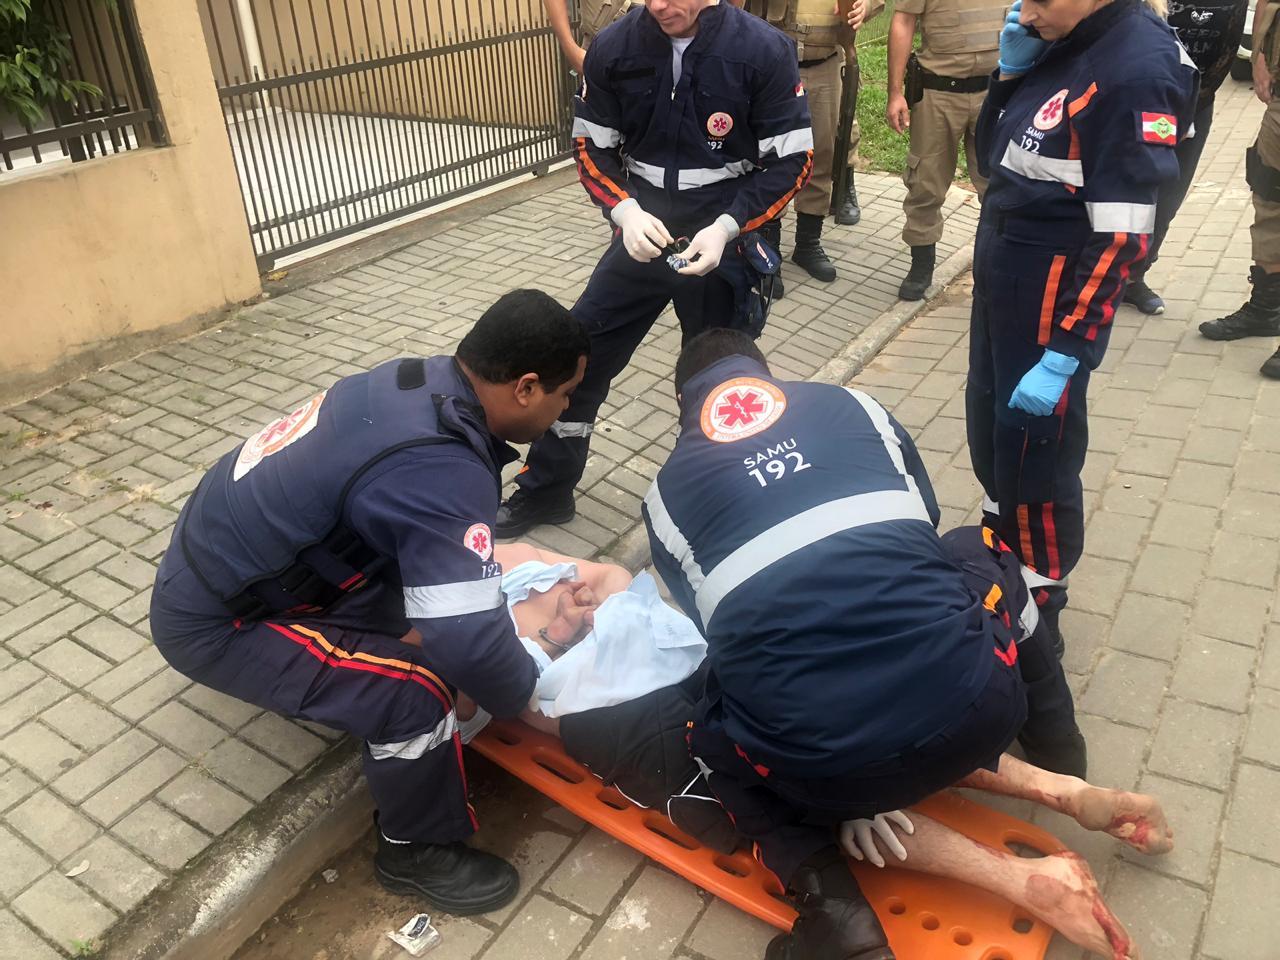 Em surto, homem foi imobilizado pelas equipes do Samu e levado ao hospital   Foto Polícia Militar Divulgação